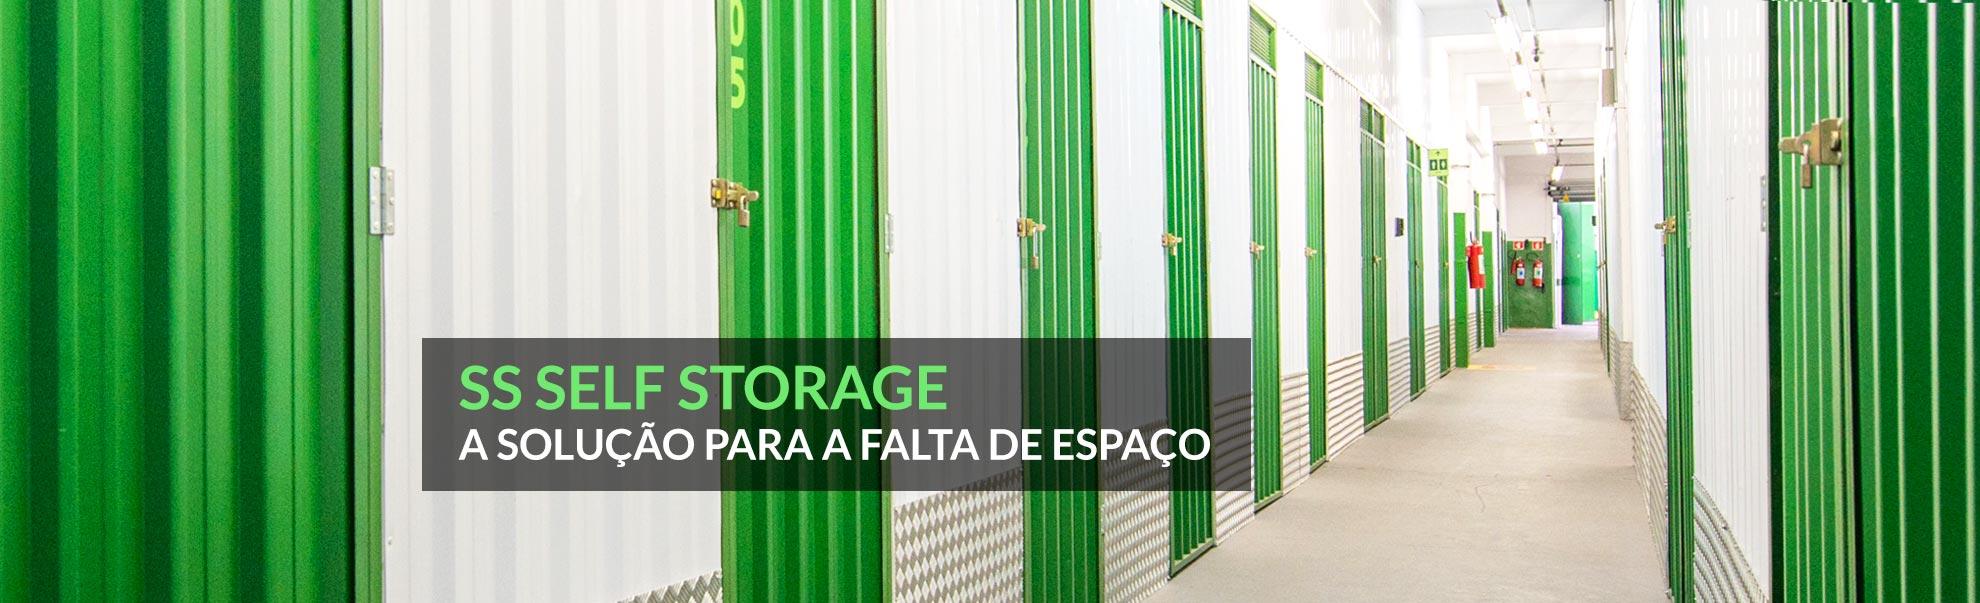 SS Self Storage A solução para a falta de espaço